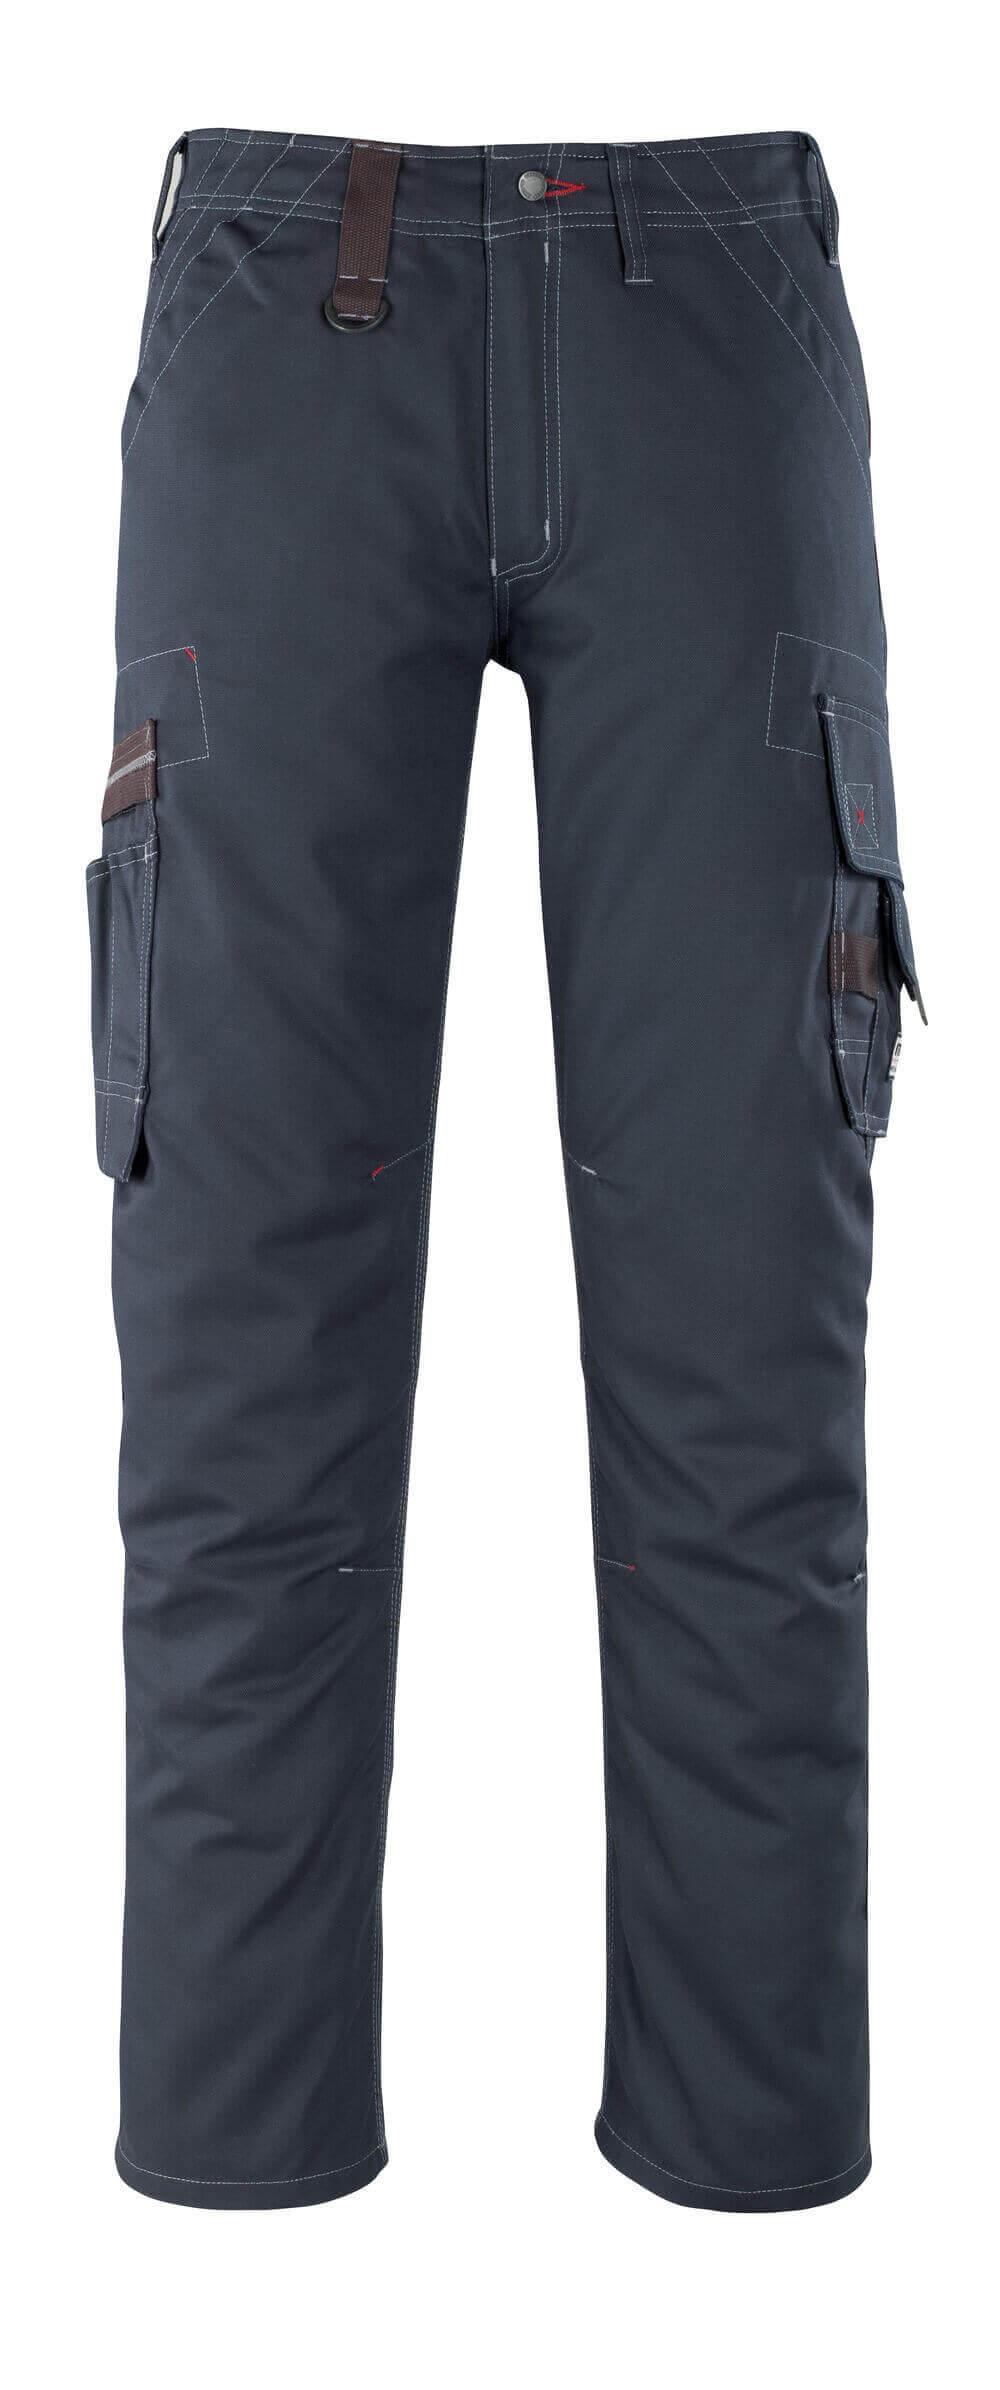 07279-154-010 Pantaloni con tasche sulle cosce - blu navy scuro